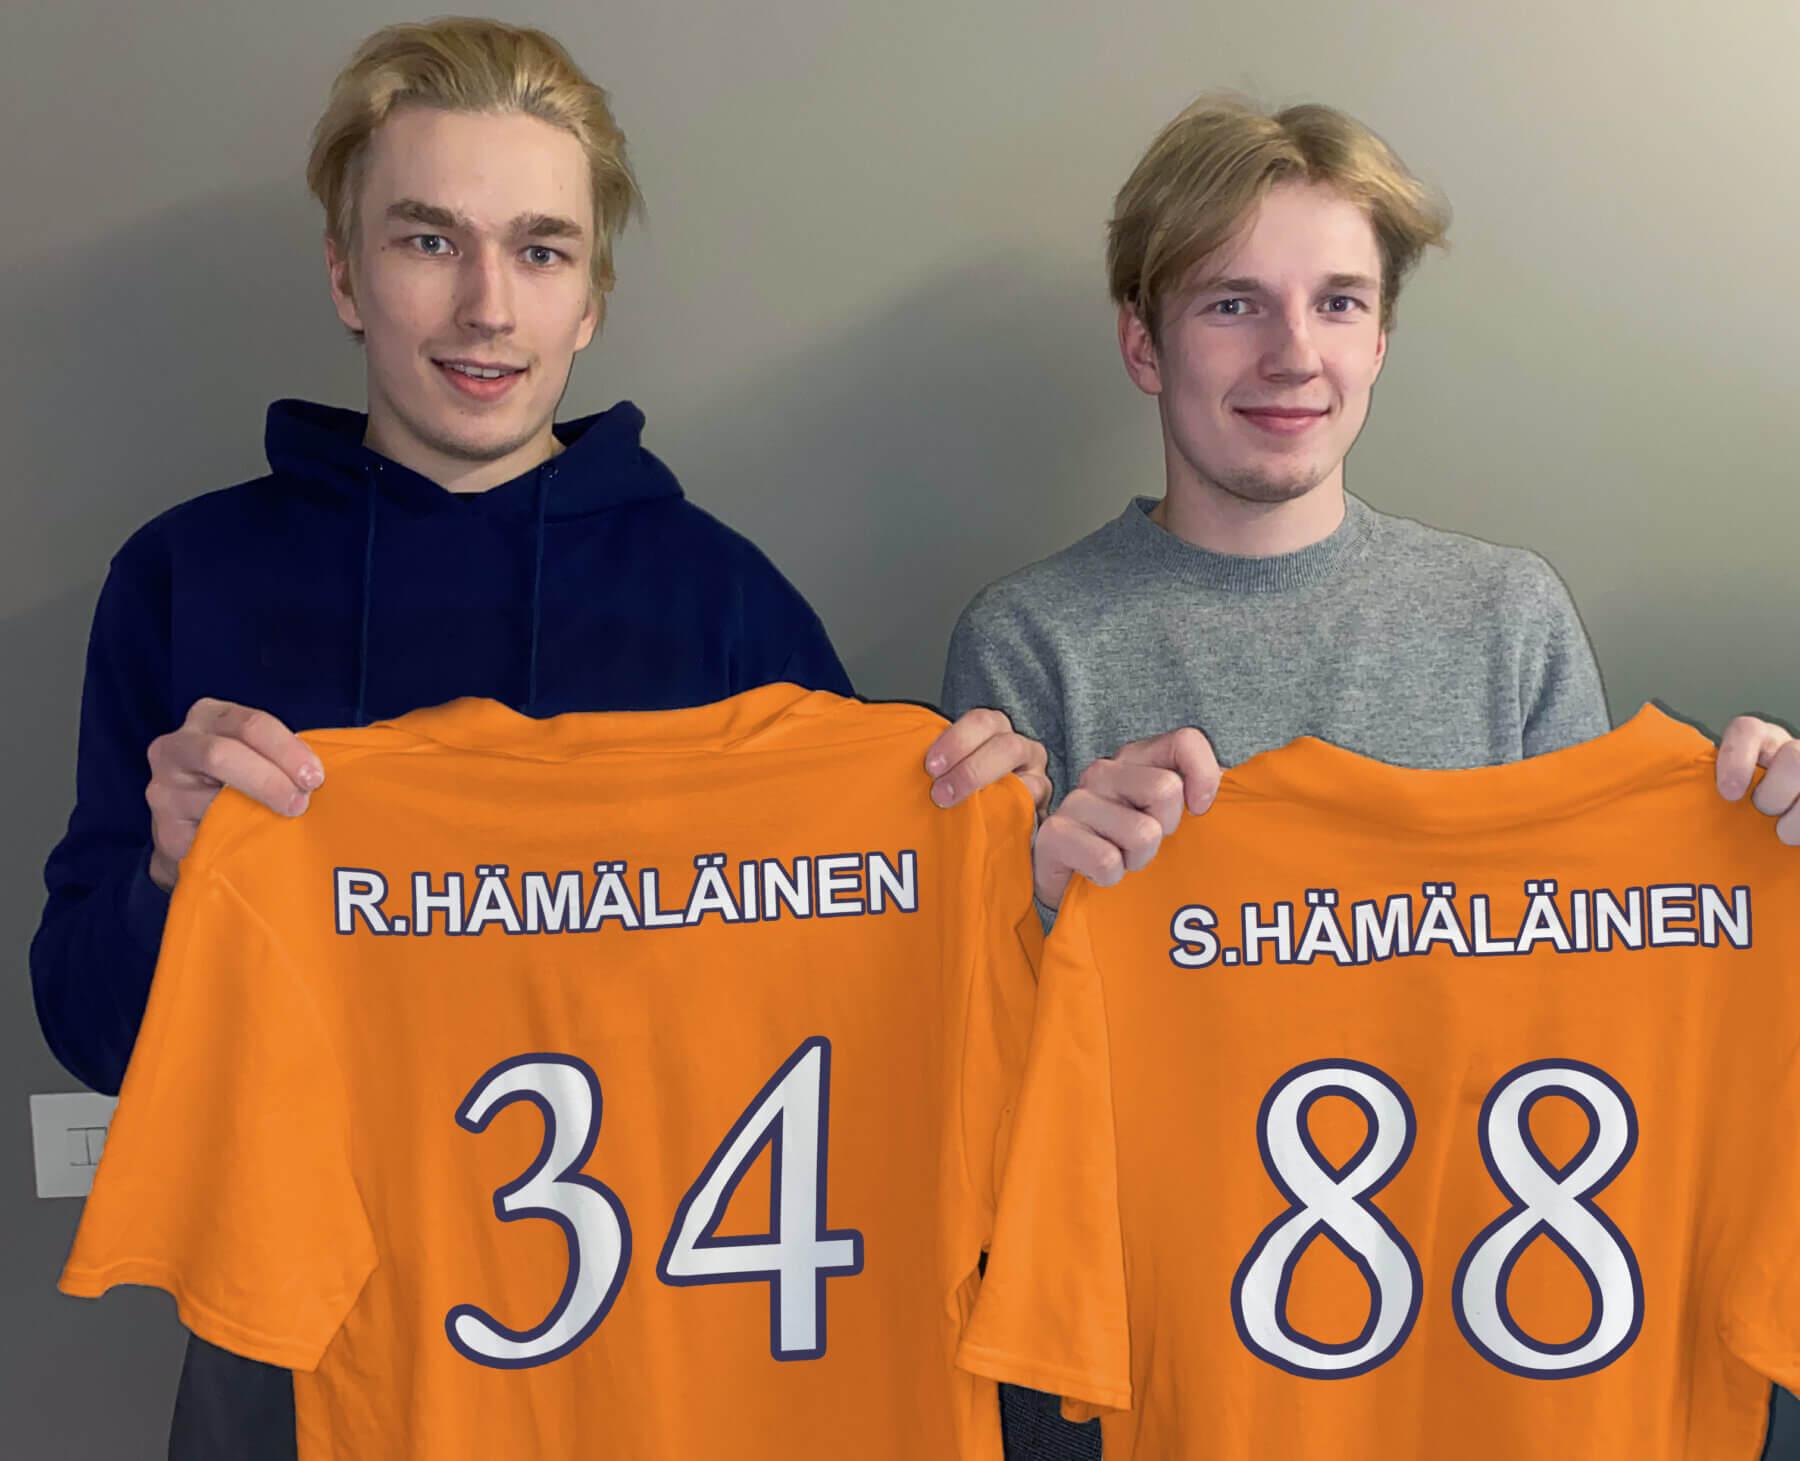 Riku & Saku Hämäläinen